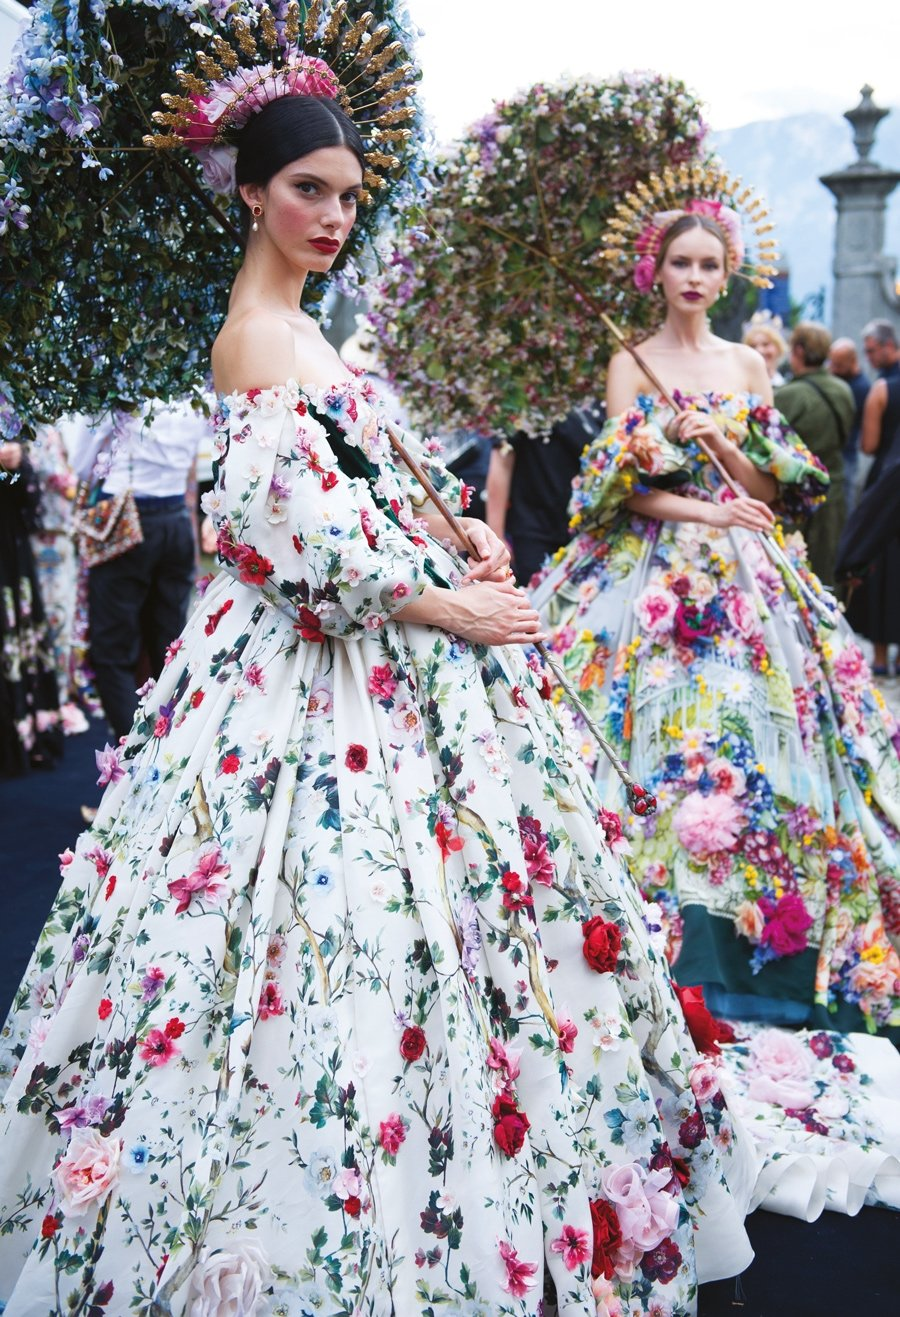 a54b22e182ed9 Dolce & Gabbana Alta Moda - HarpersBazaar